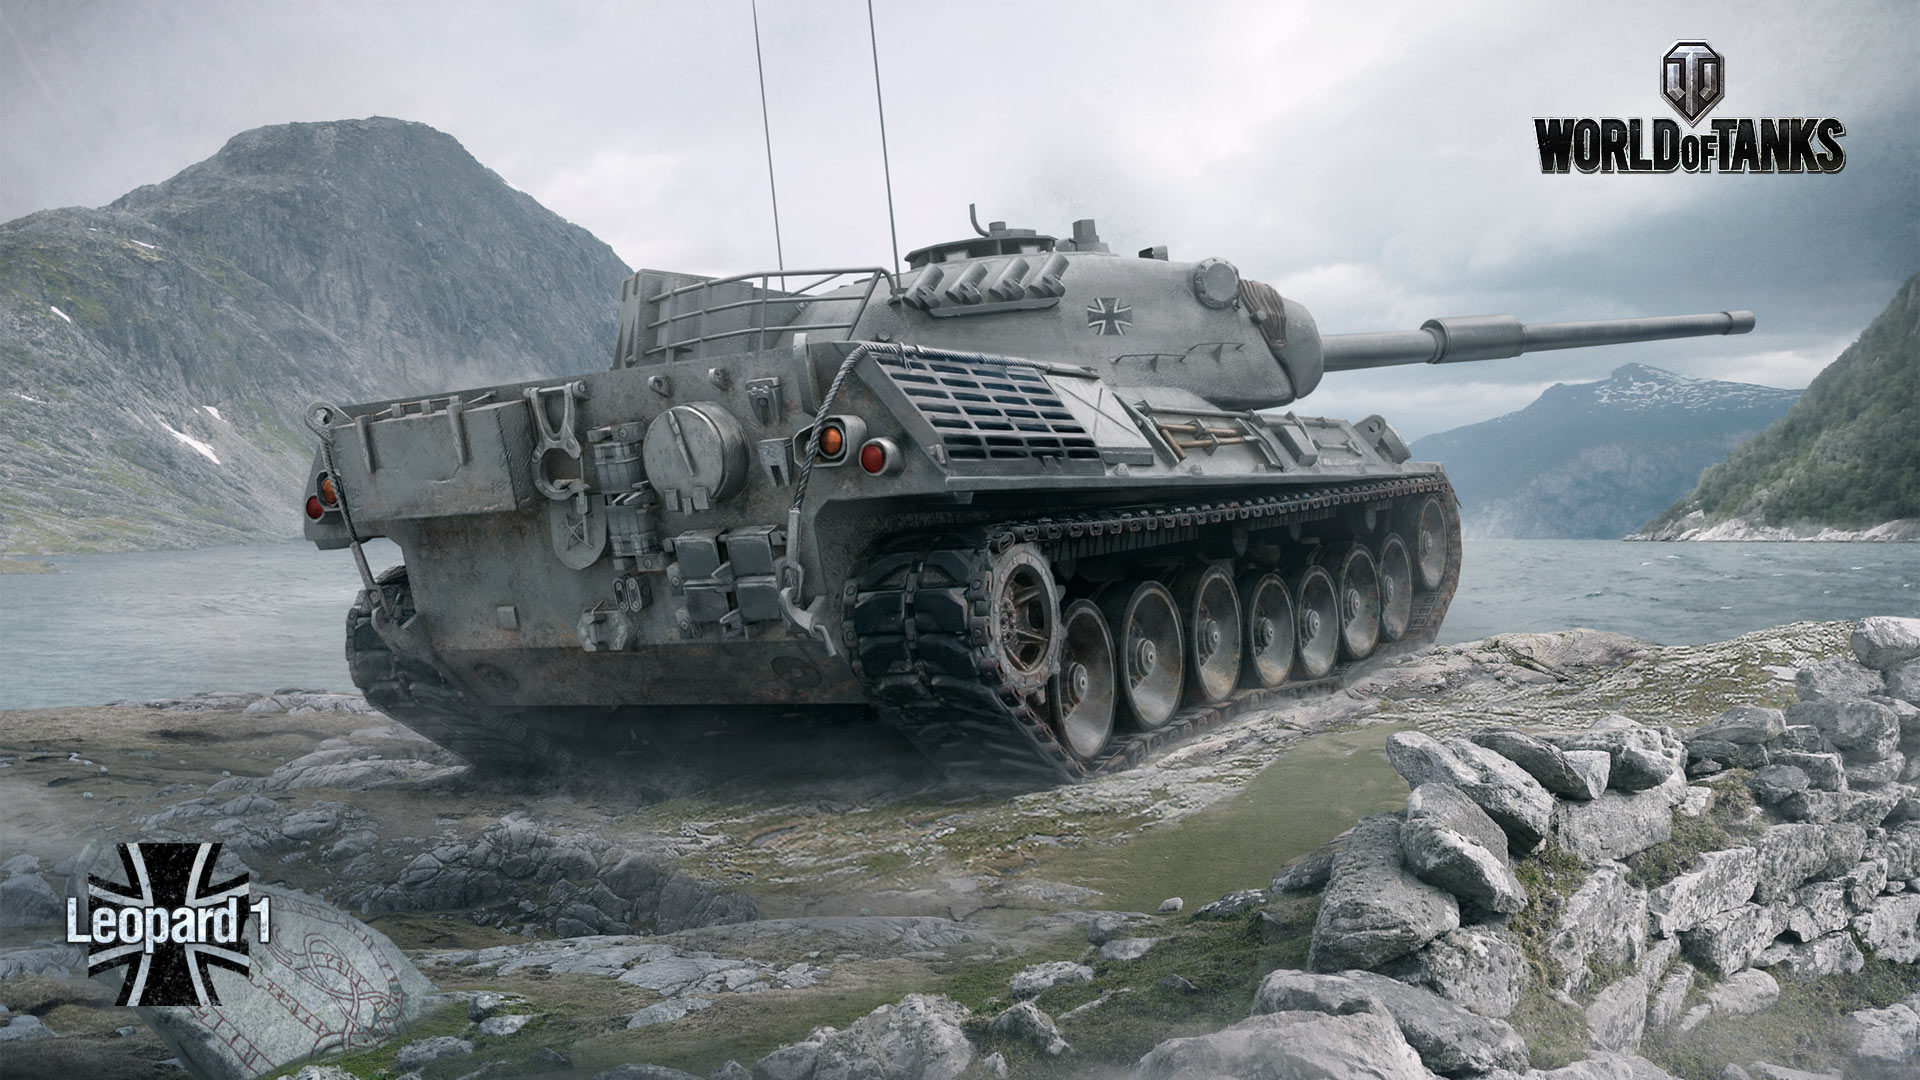 bildschirmhintergrund f r den juli 2013 panzer medien f r world of tanks beste videos und kunst. Black Bedroom Furniture Sets. Home Design Ideas